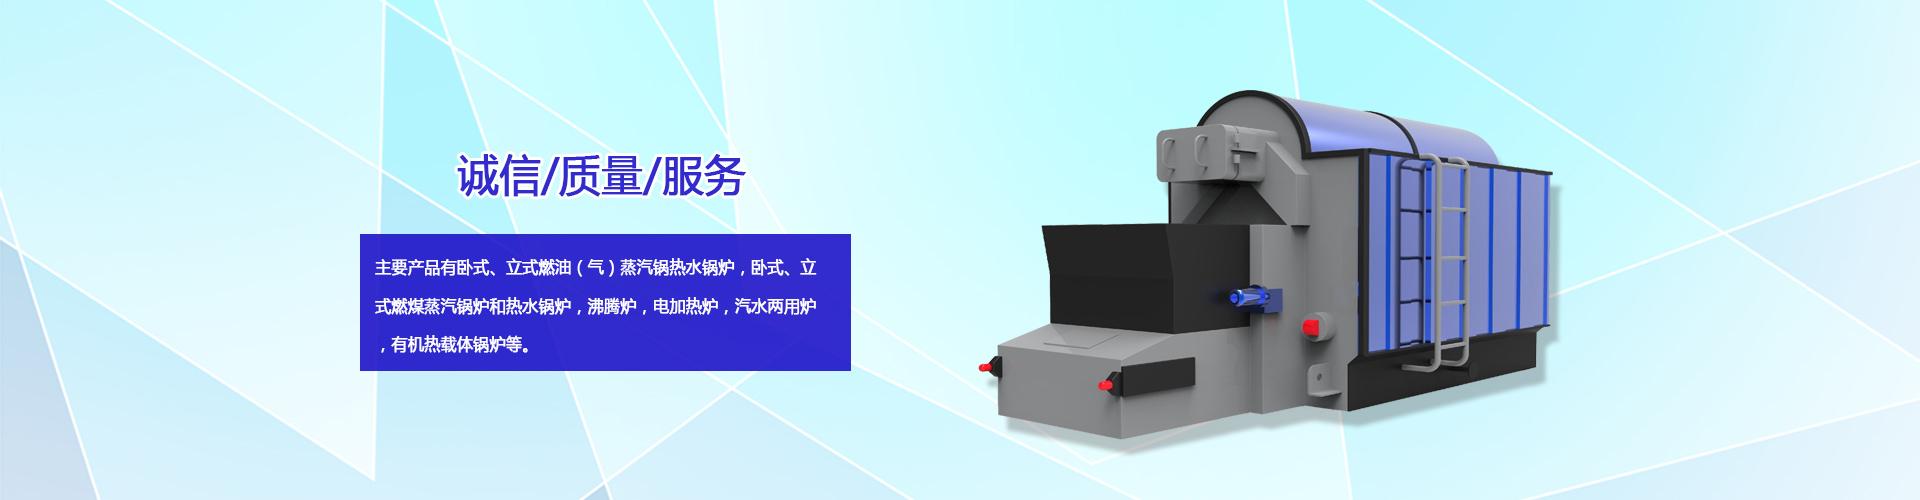 南宁燃油燃气锅炉,南宁汽水两用锅炉,南宁生活锅炉,南宁热水锅炉